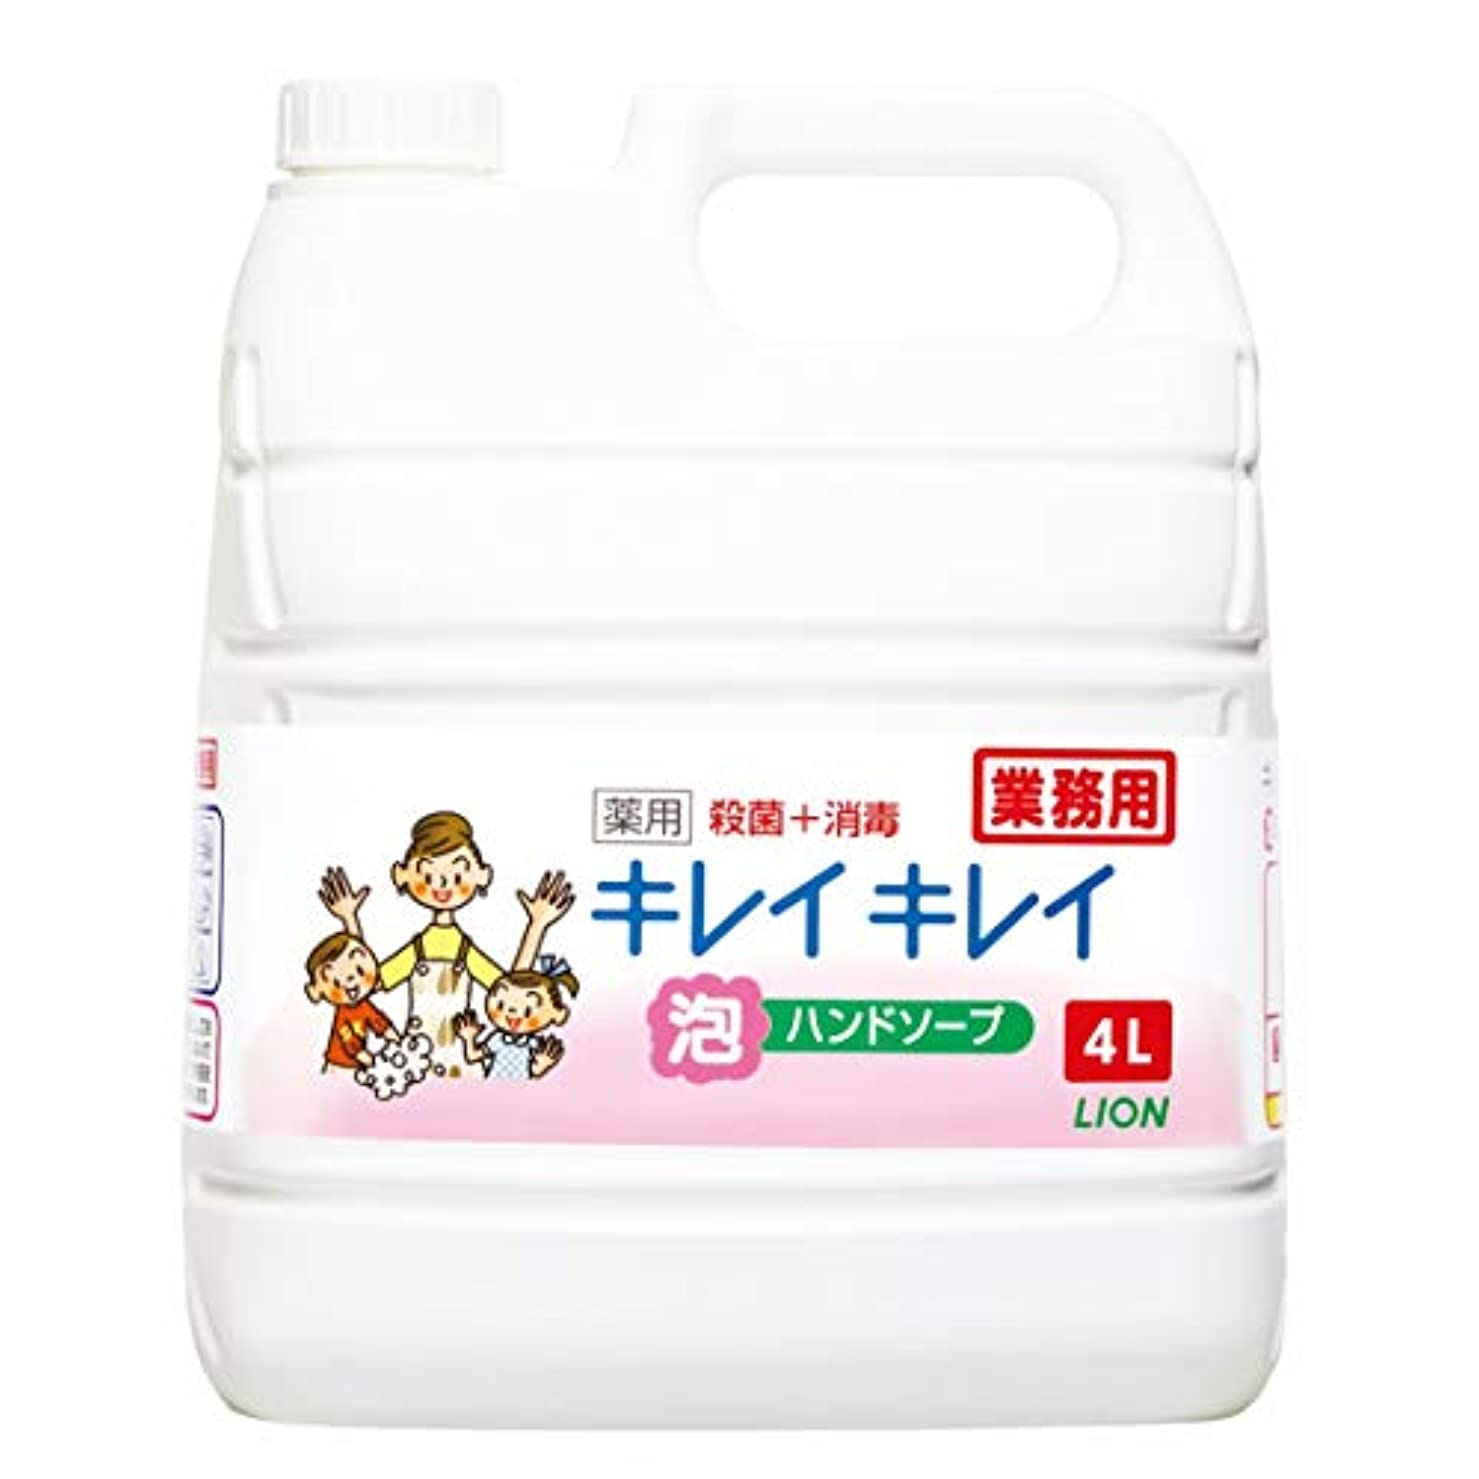 補う確執不機嫌【業務用 大容量】キレイキレイ 薬用 泡ハンドソープ シトラスフルーティの香り 液体 単品 4L(医薬部外品)